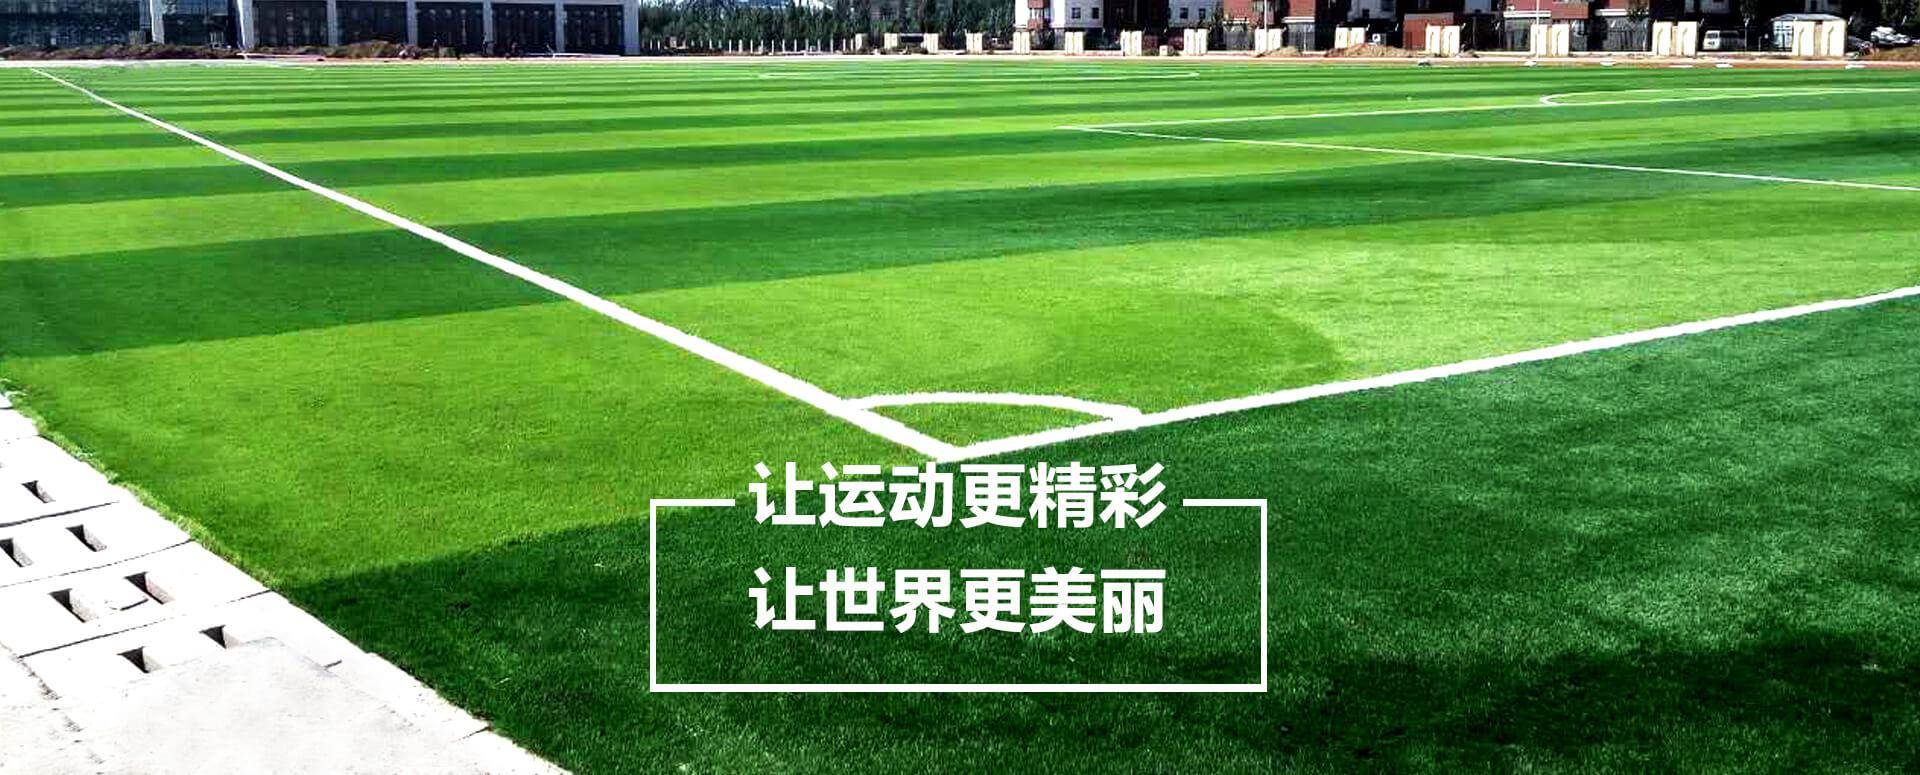 青岛青禾人造草坪股份有限公司